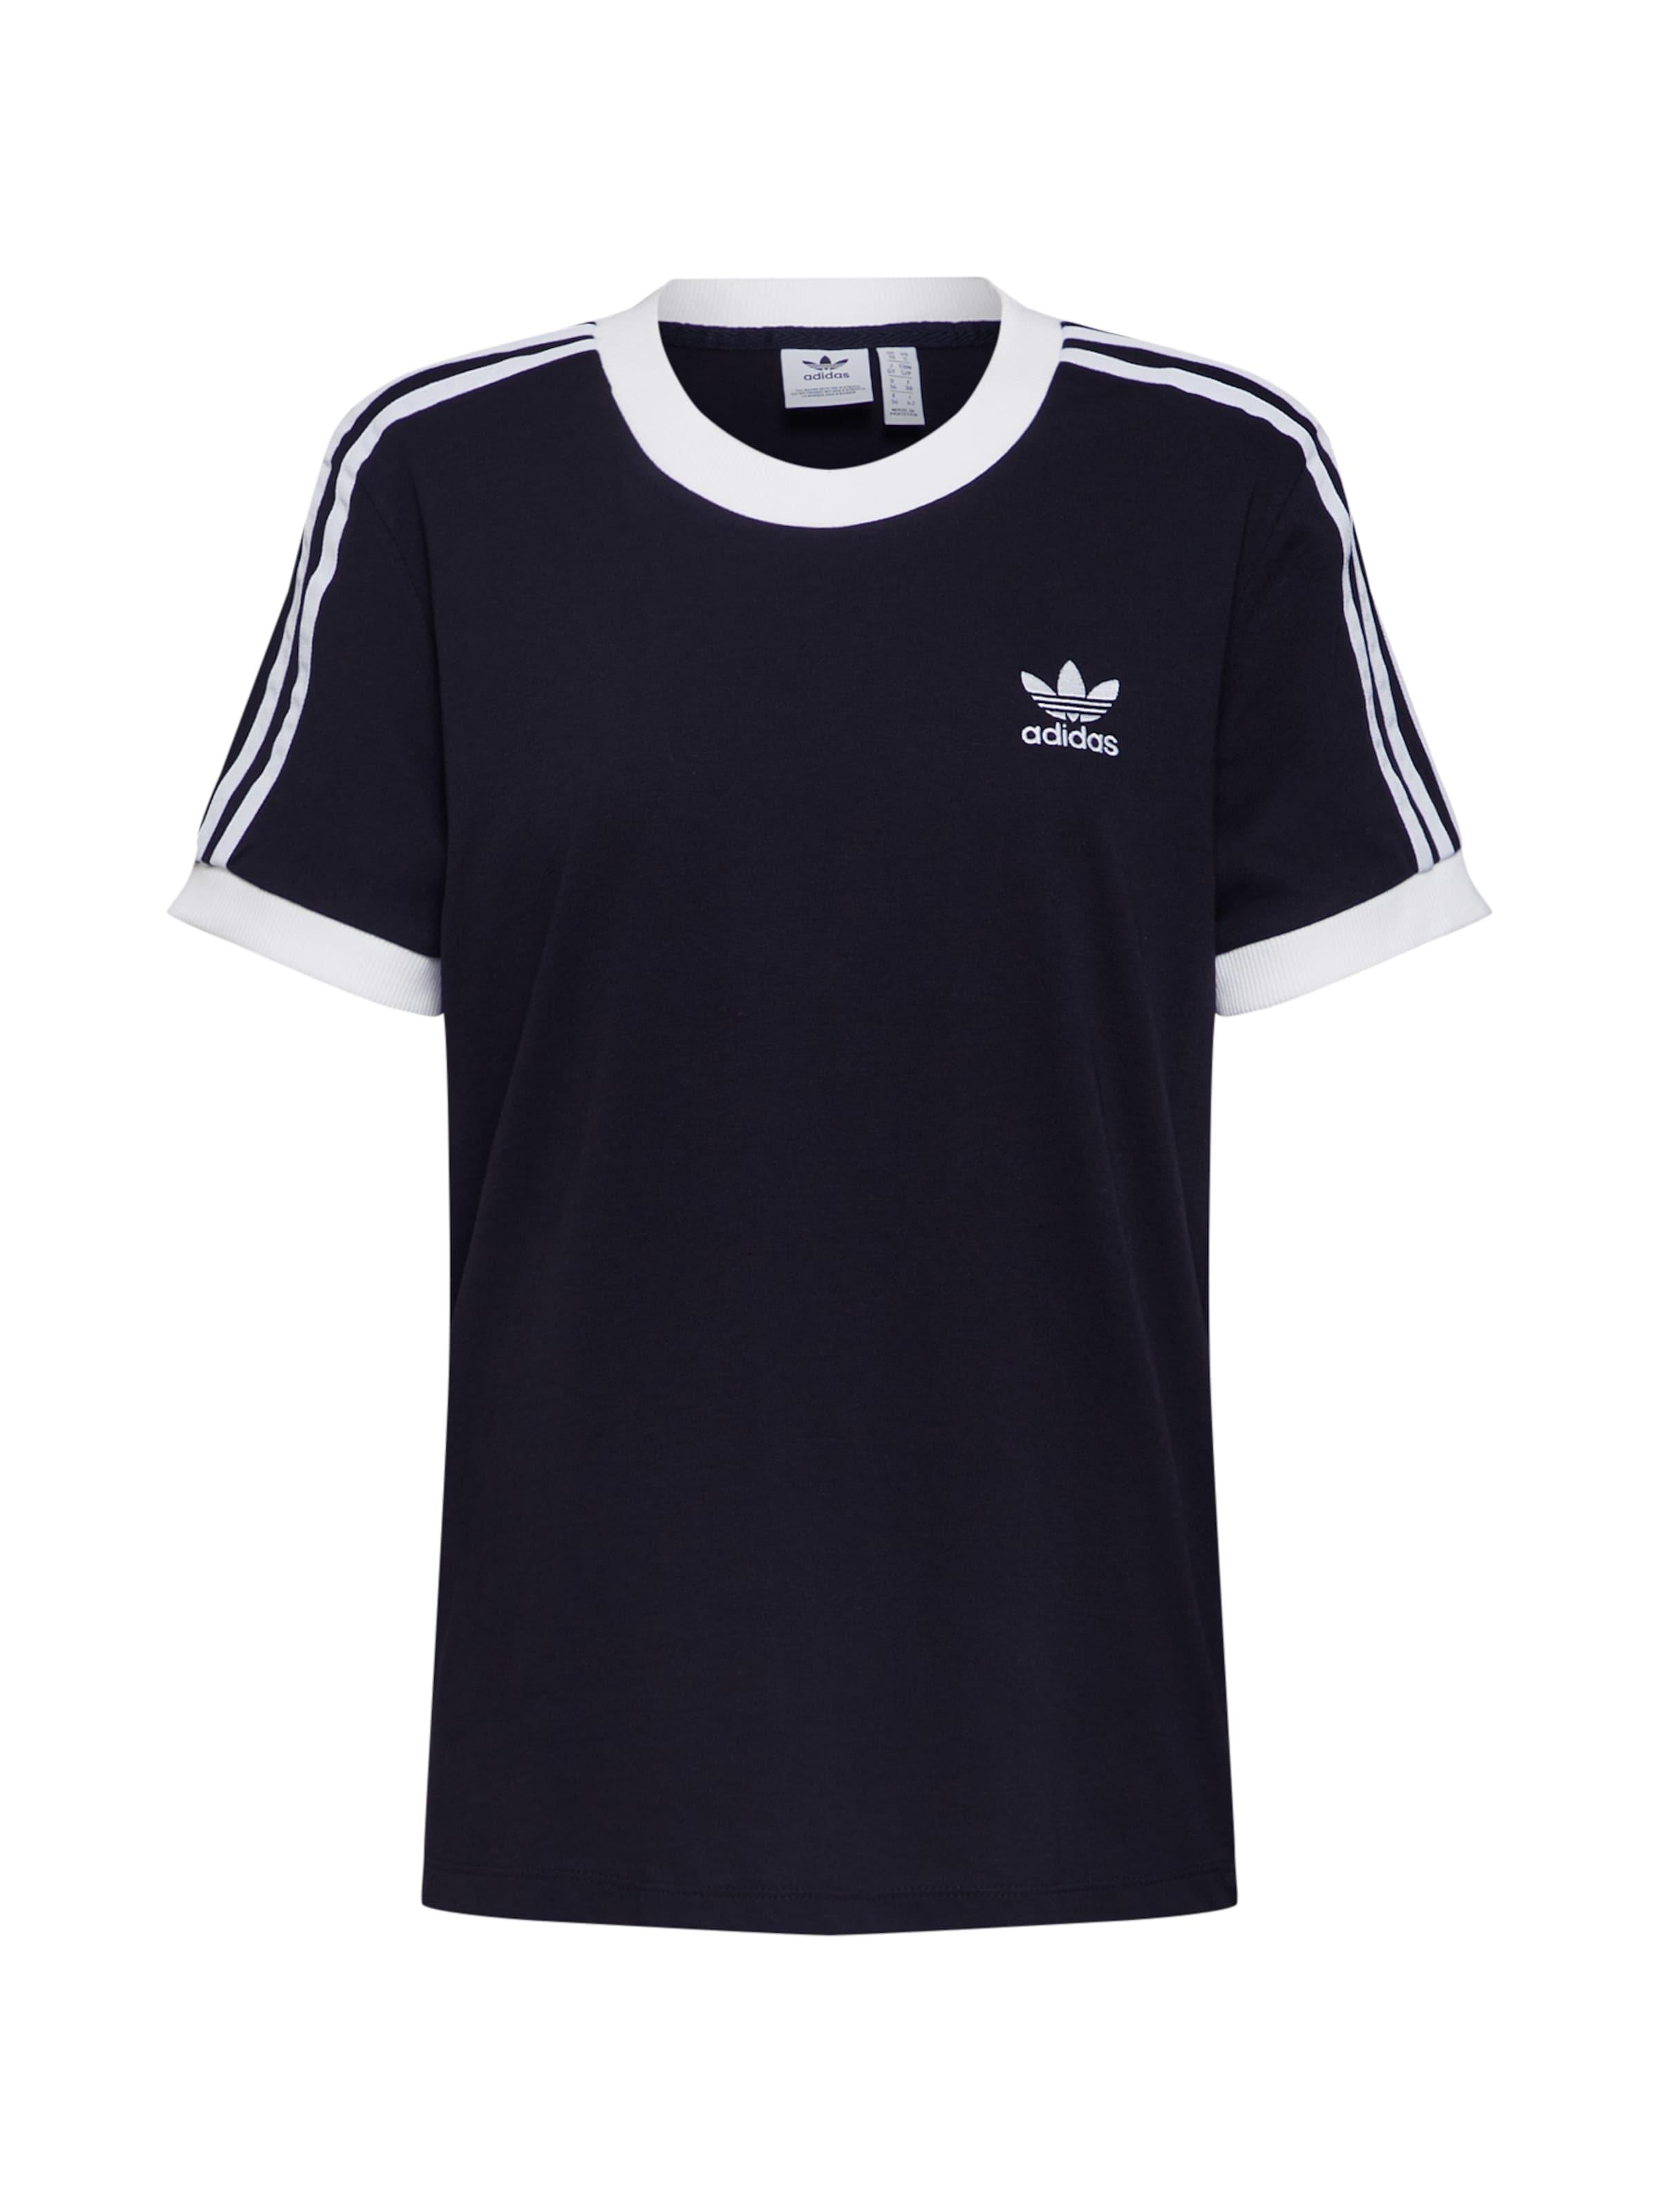 Adidas Shirt Adidas Originals In Adidas In Originals Shirt Schwarz Schwarz XikZPu